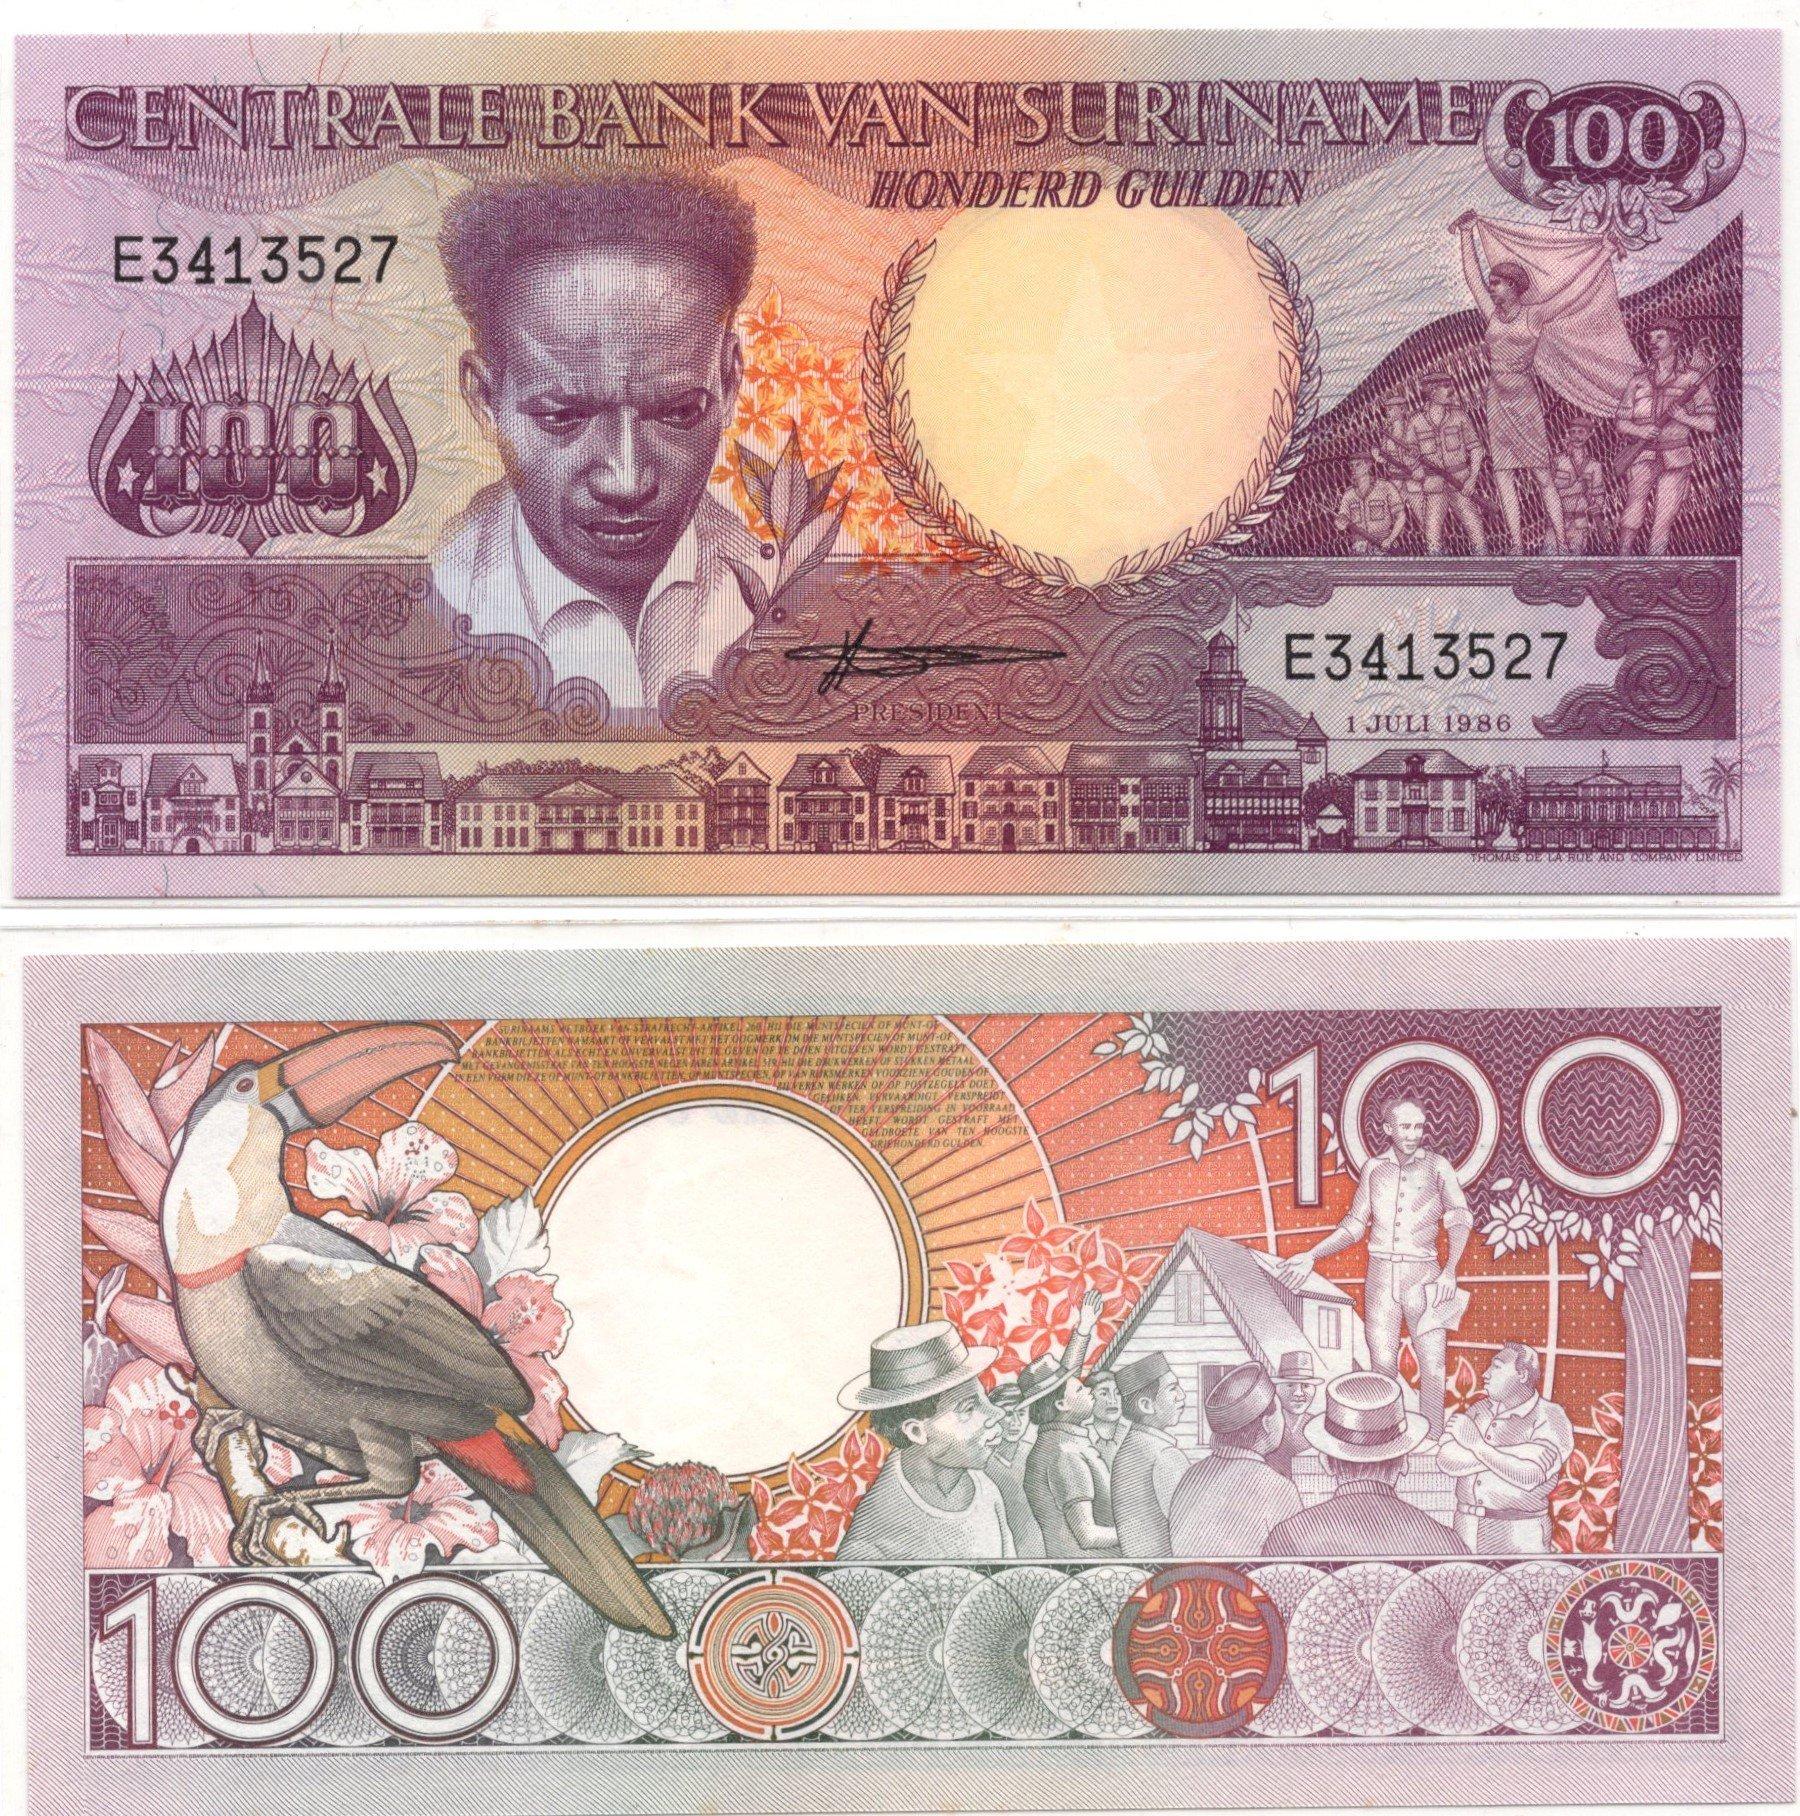 suriname 100 gulden 1986